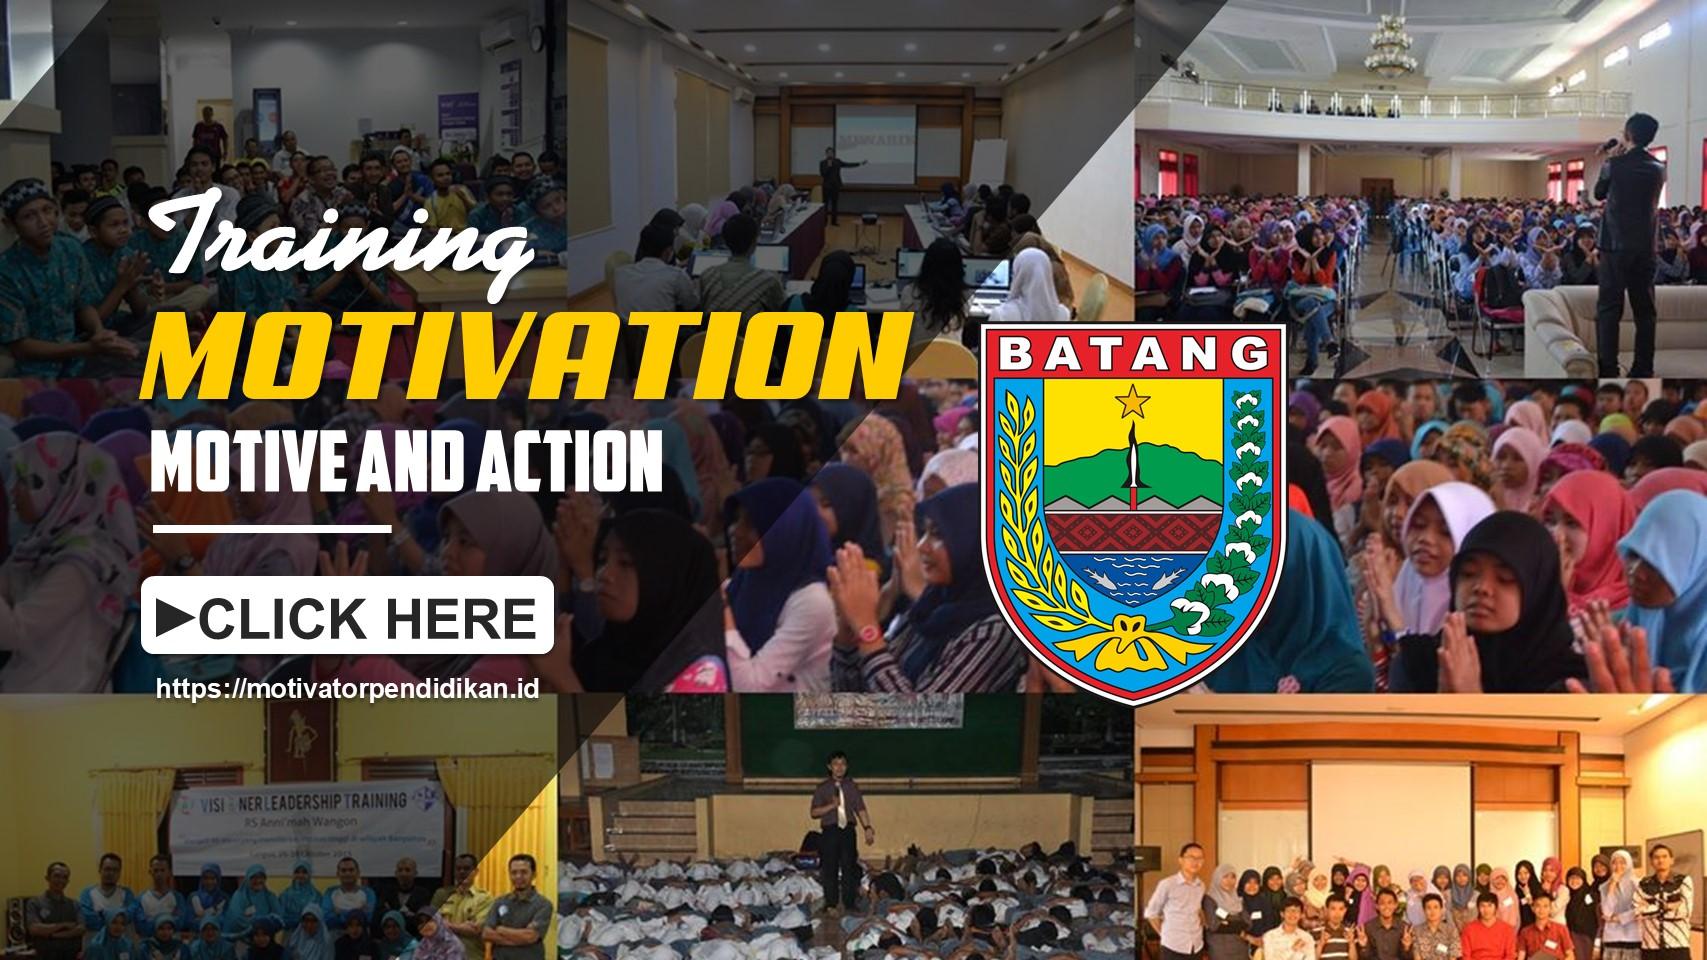 Motivator di Batang